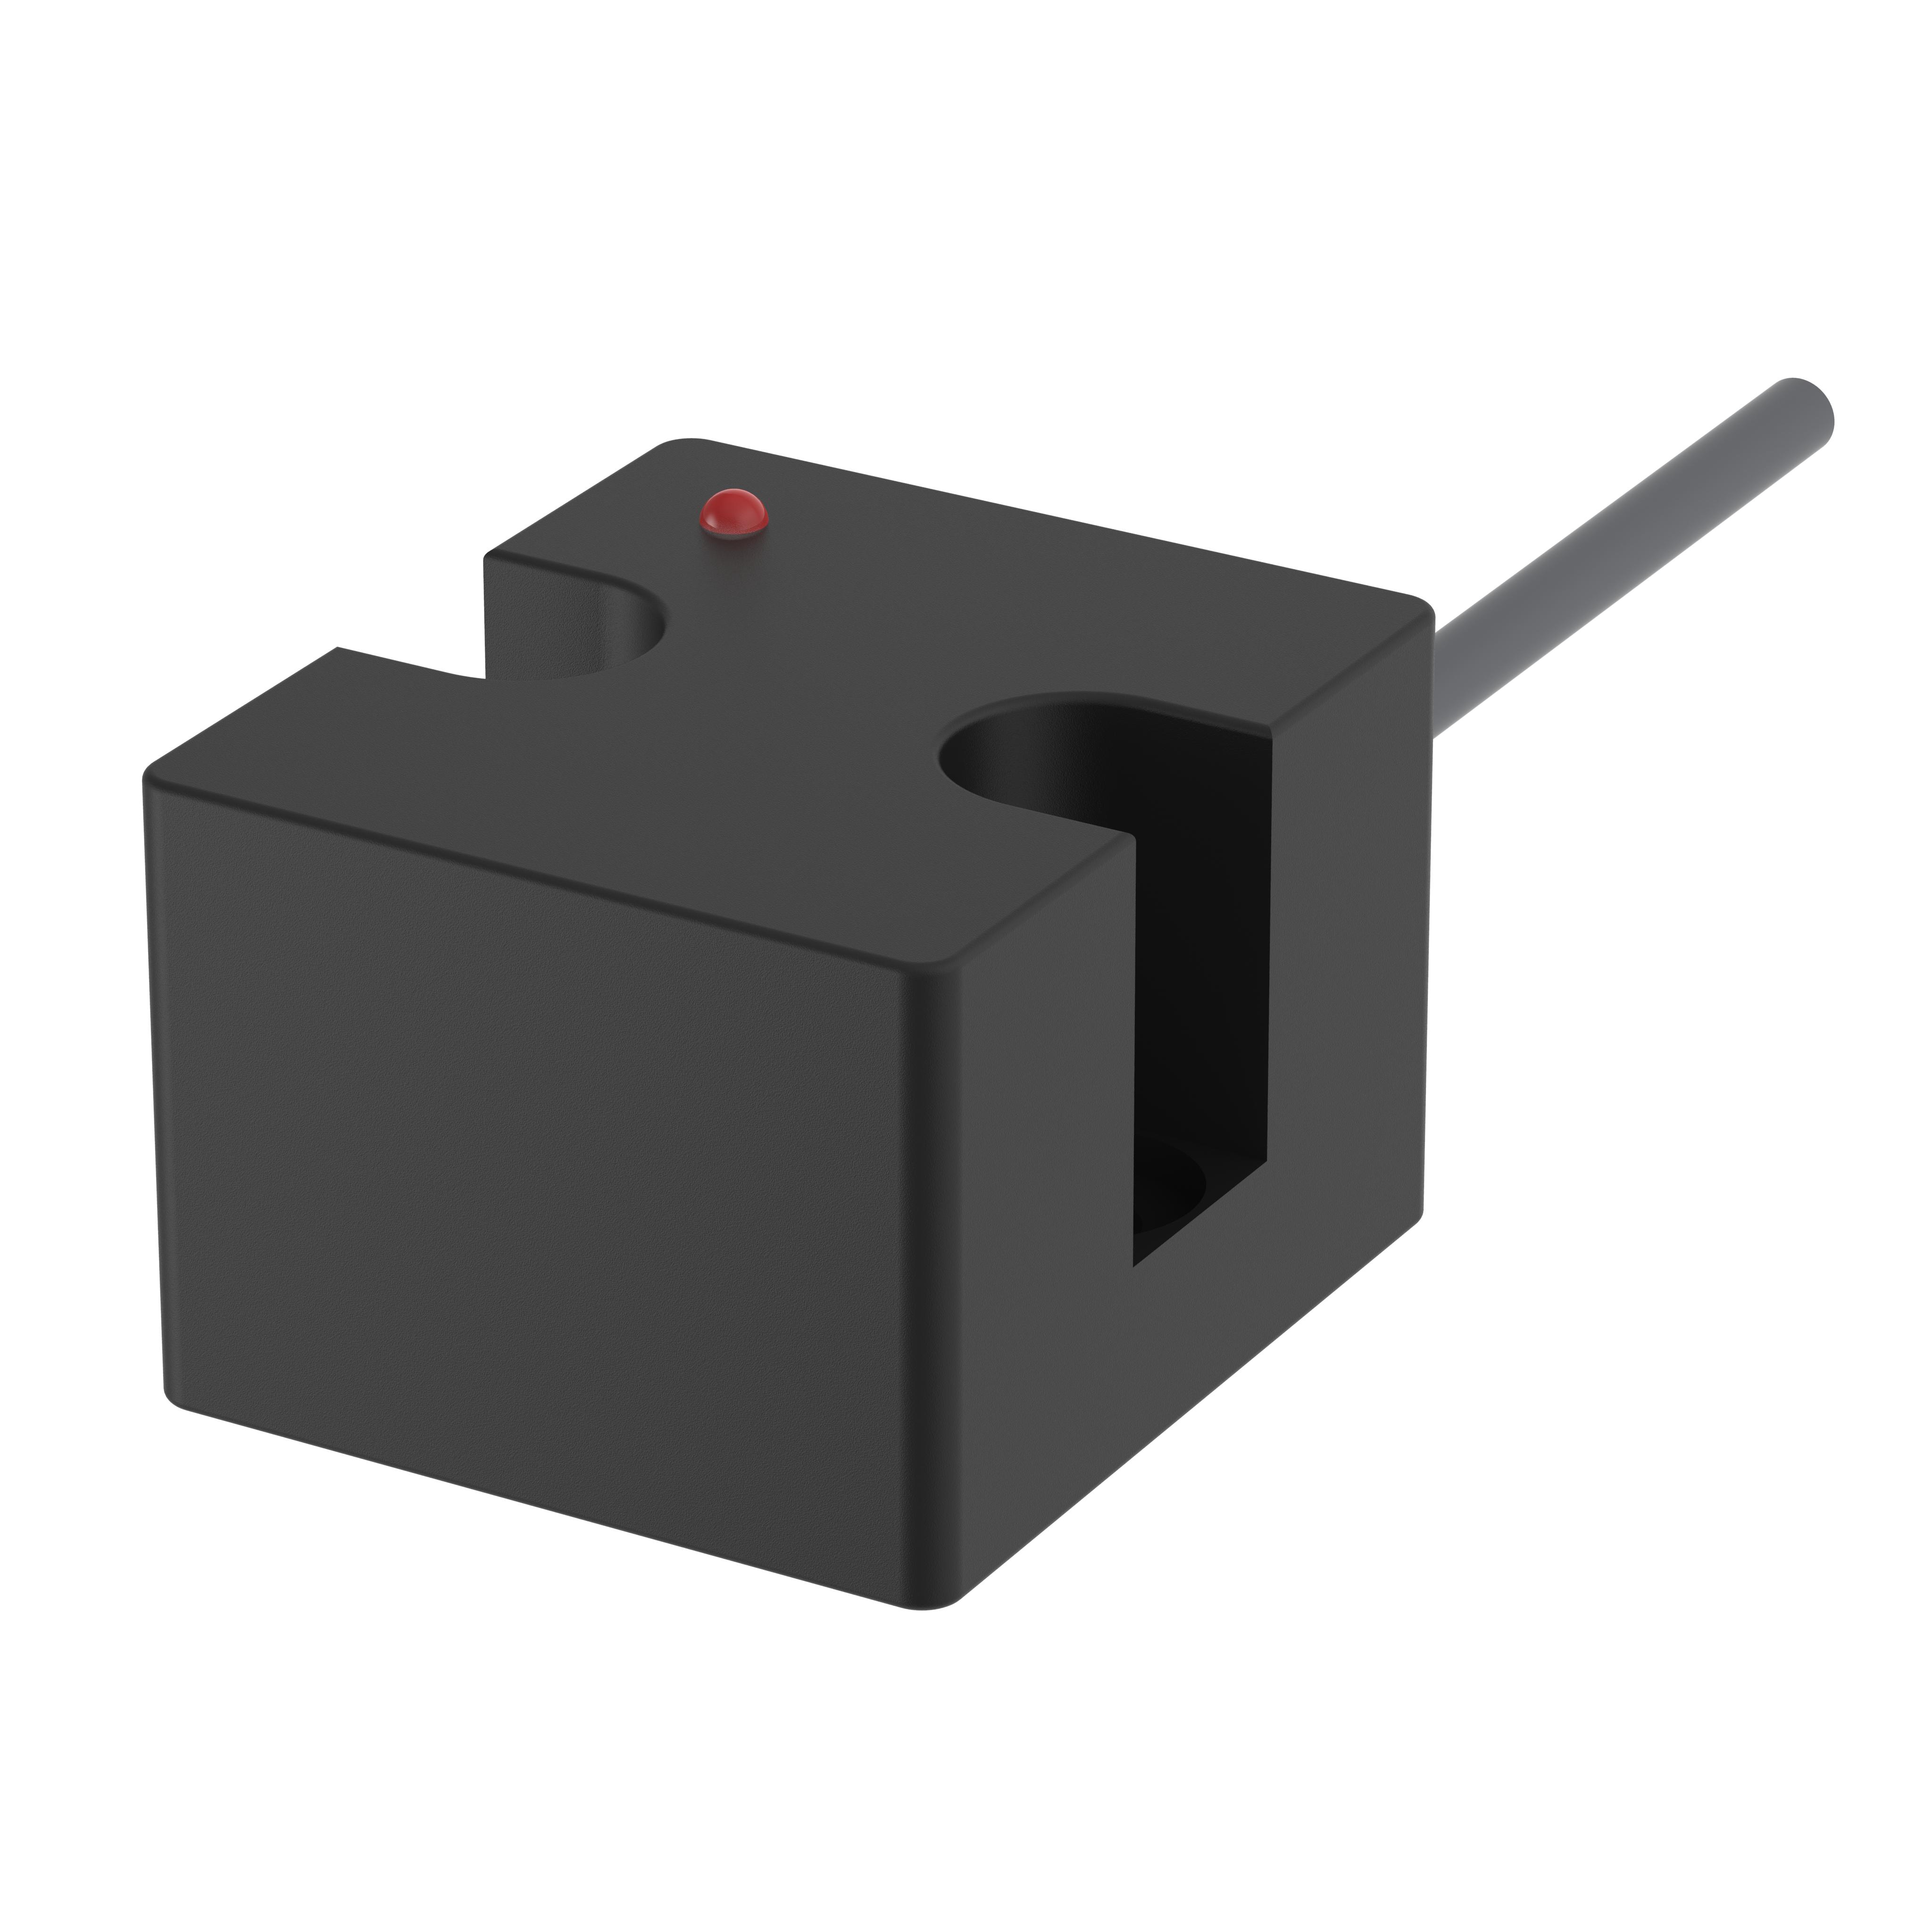 Sicherheitssensor - 161271AA-5 - magnetisch betätigt - Schließer/Öffner, 5m Kabel